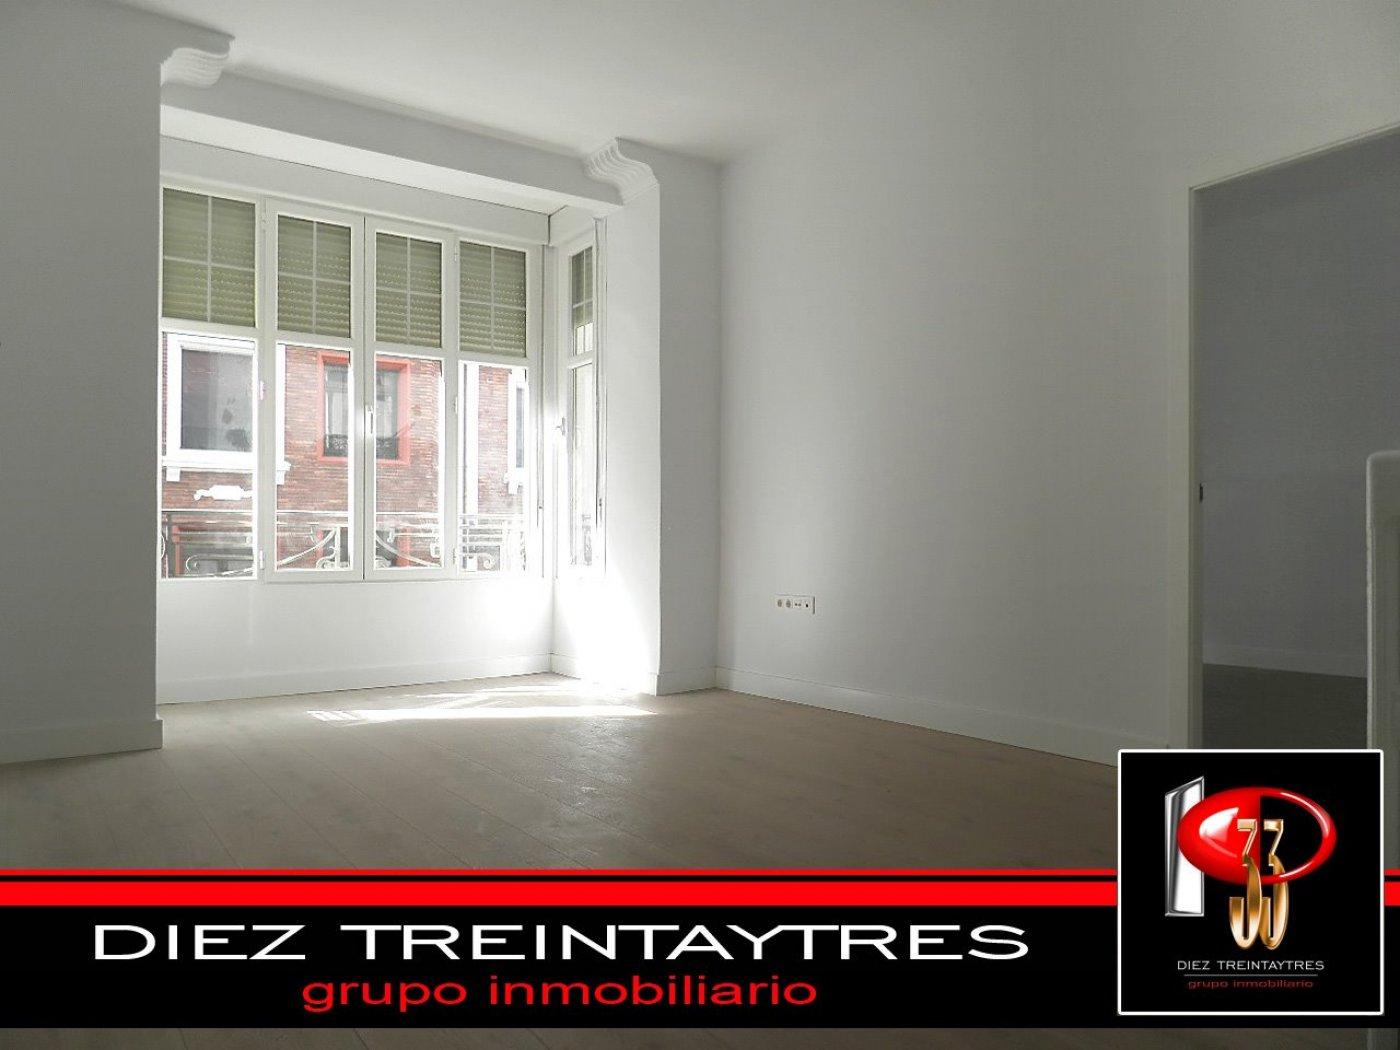 Piso en alquiler en Centro, Leon